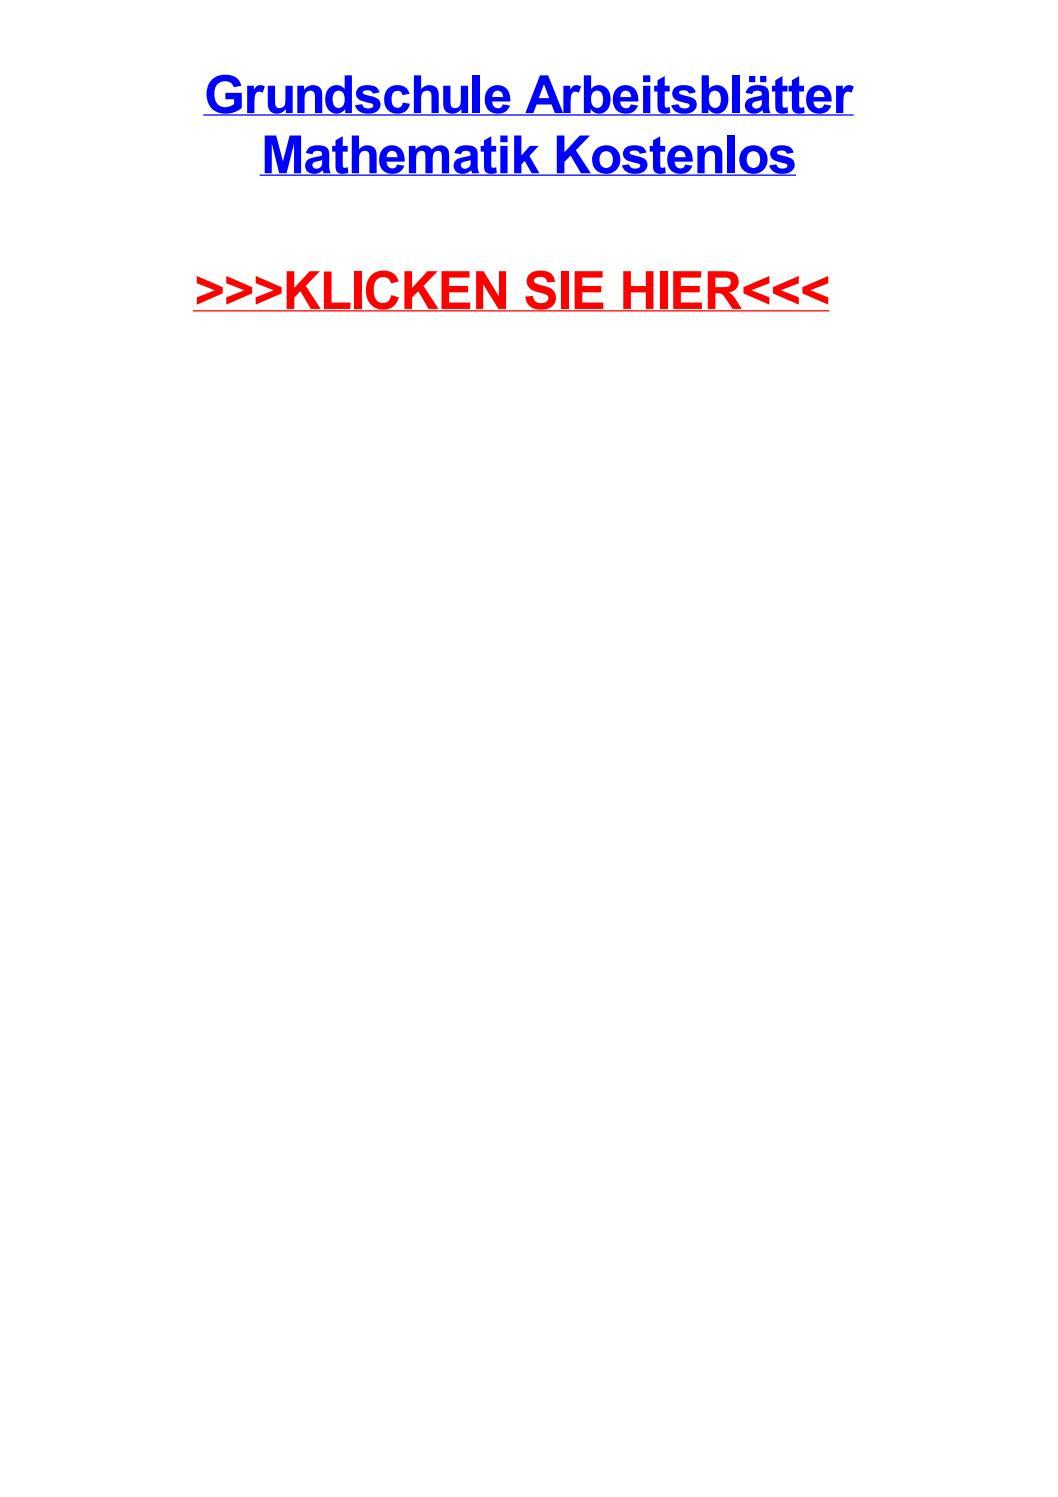 Großartig CML Mathe Arbeitsblatt Bilder - Mathe Arbeitsblatt ...